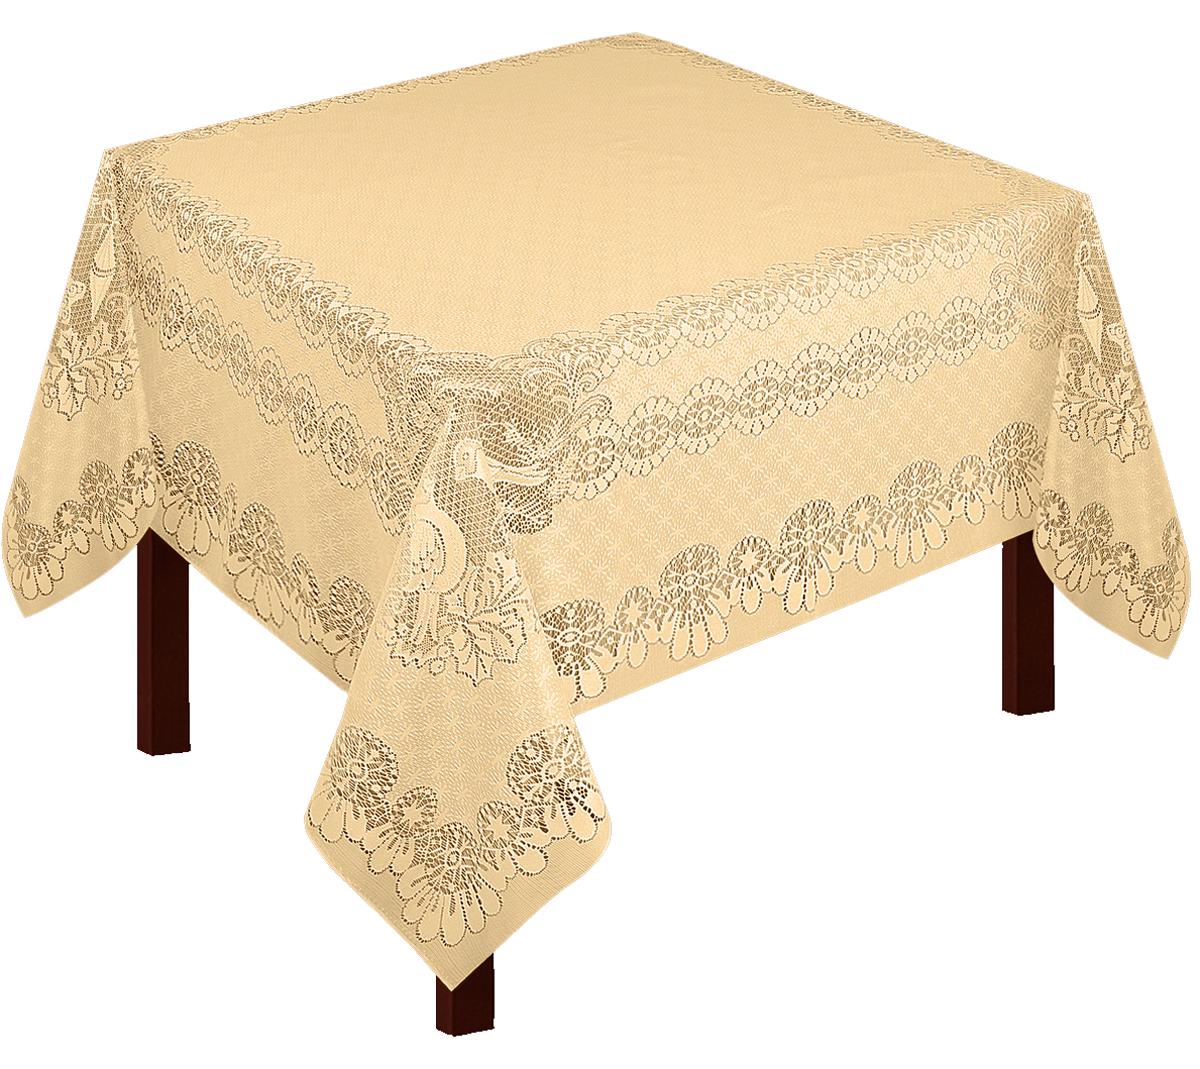 Скатерть Zlata Korunka, прямоугольная, цвет: золотистый, 165 х 150 смVT-1520(SR)Скатерть прямоугольная р.165*150, 100% п/э, золото. Скатерть не мнется, легко стирается и очень быстро сохнет